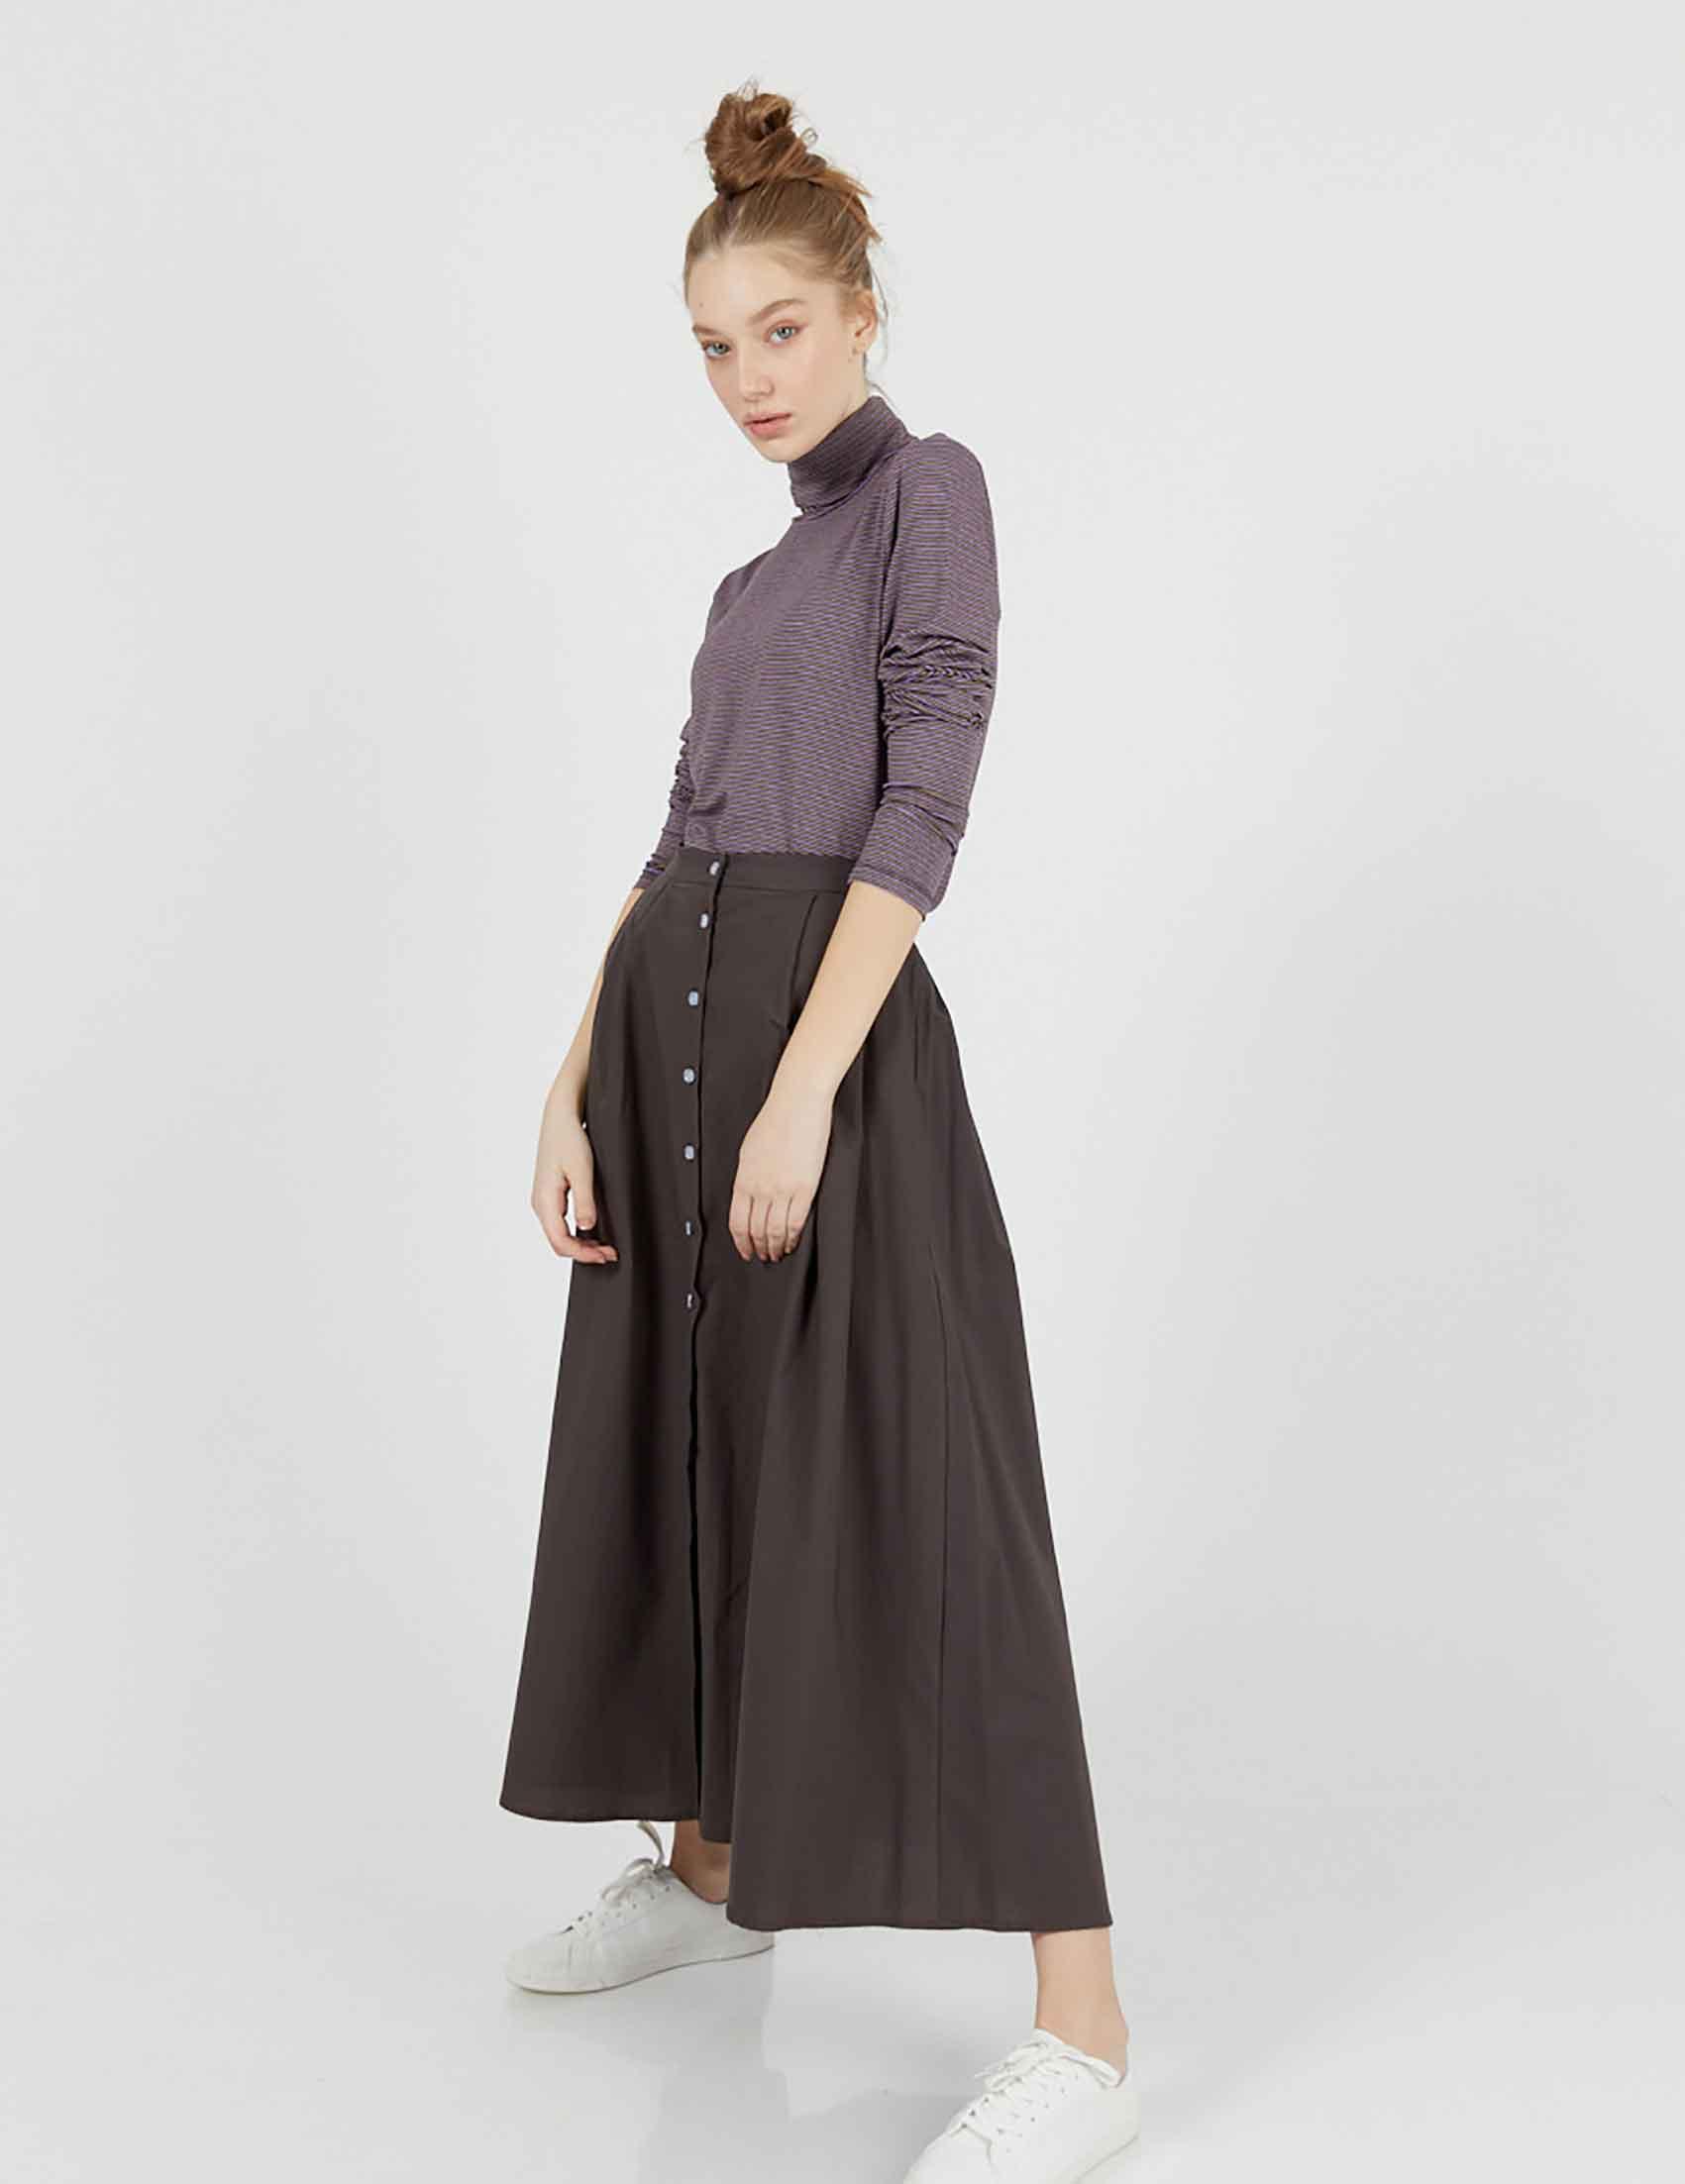 חצאית-אלפרד-של-המותג-טוטון-עכשיו-ב--448--שקל-חדשות-אופנה-Twotone